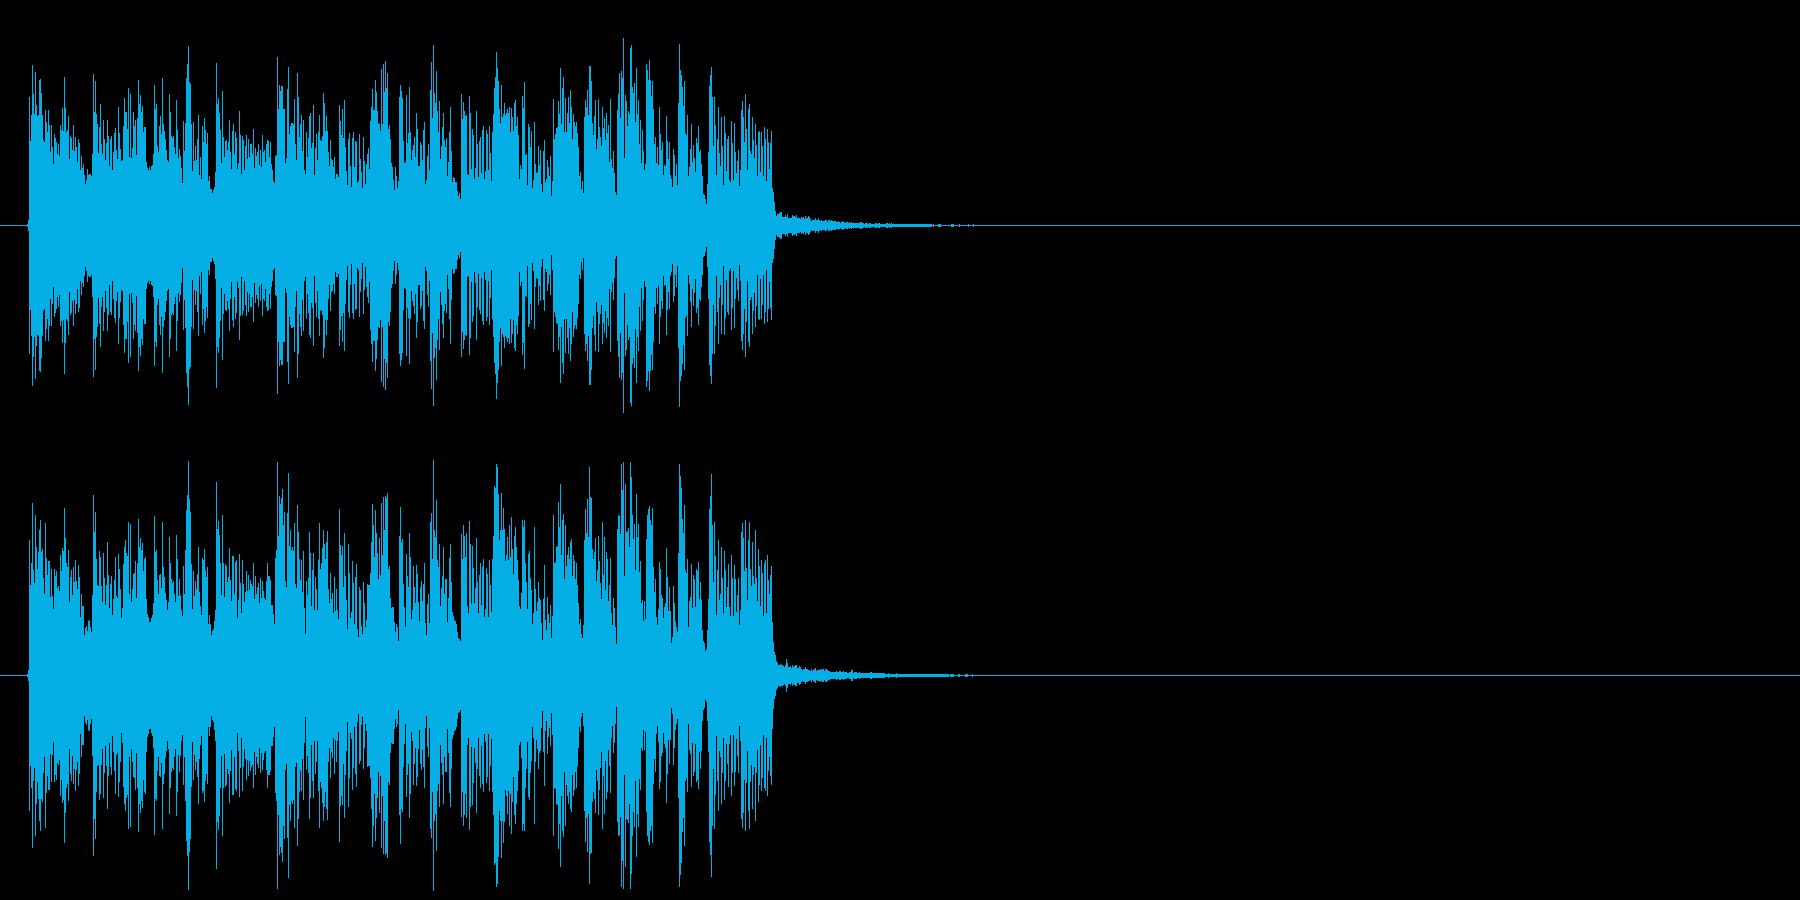 クイズ 前進 はつらつ 追跡 挑戦の再生済みの波形